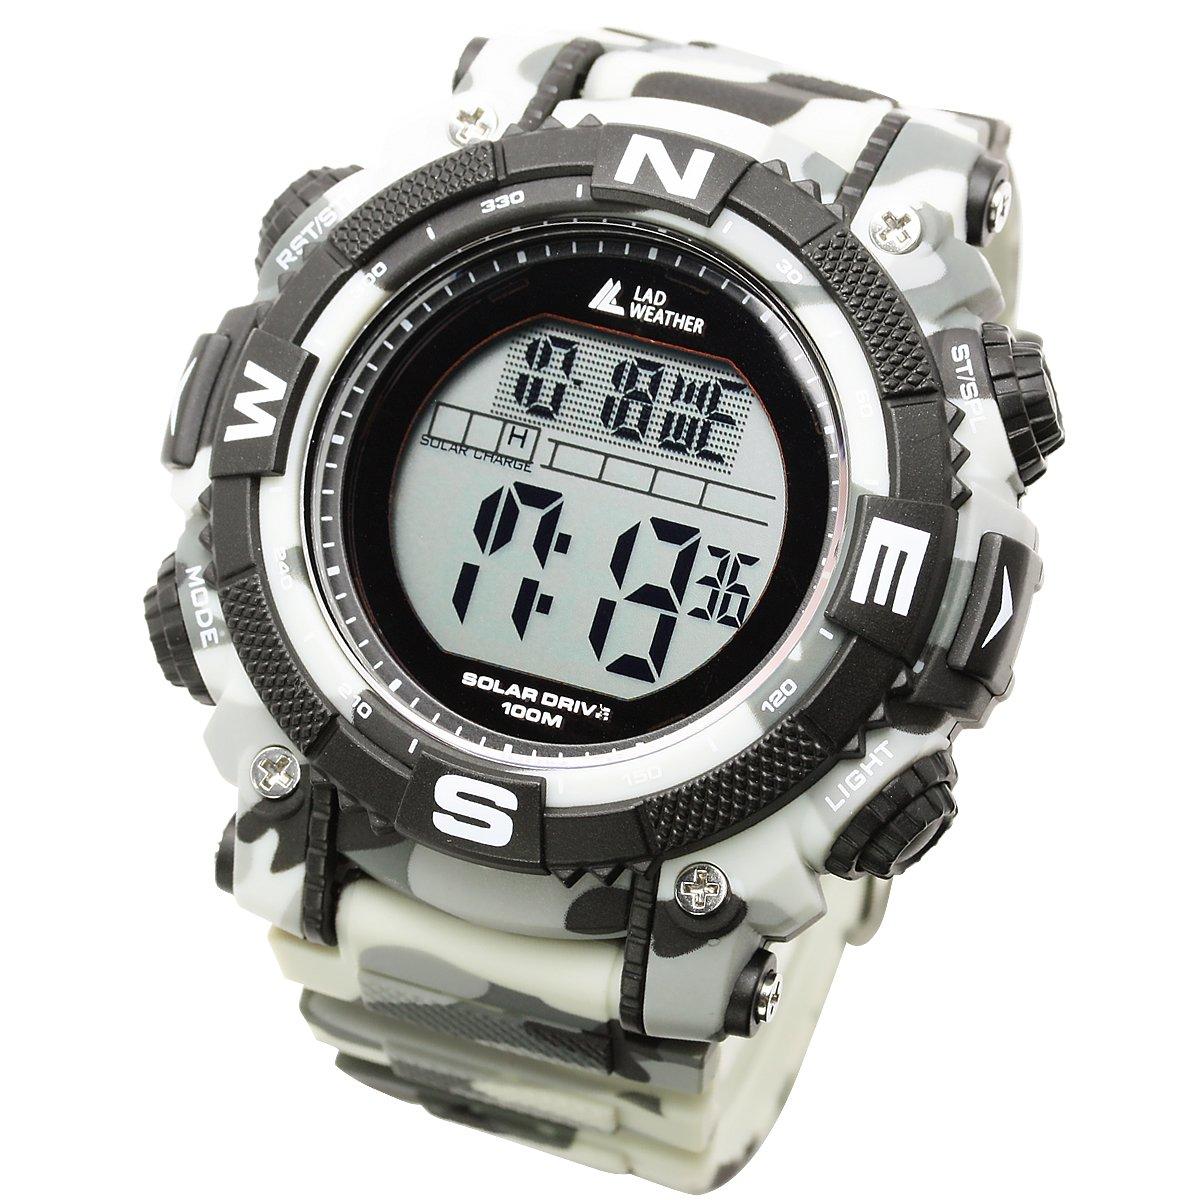 [Lad Weather] Reloj Digital Solar con impresión camuflaje militar resistente al agua hasta 100metros